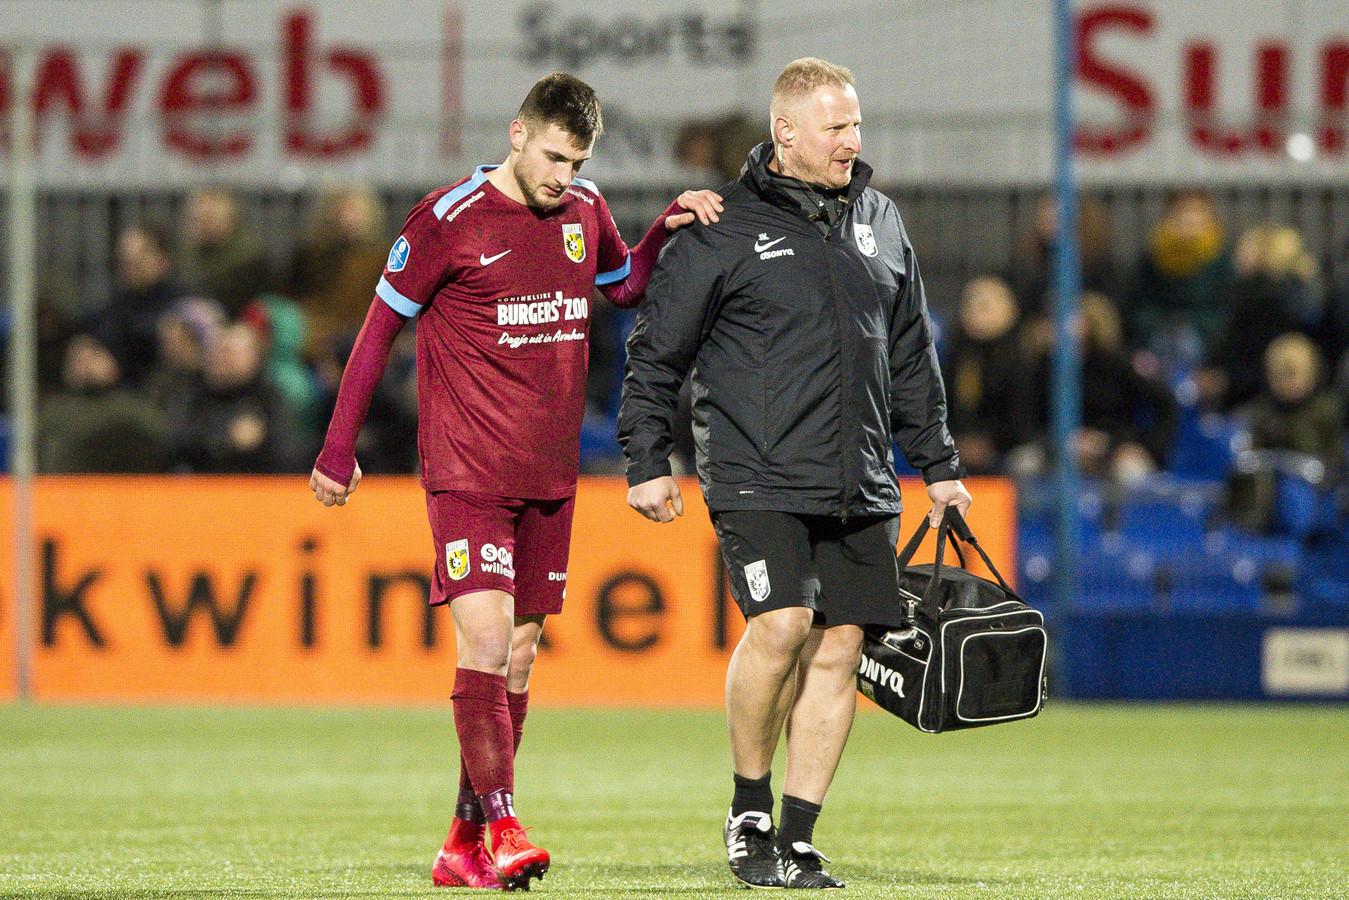 Fysiotherapeut Jos Kortekaas verlaat met Matus Bero het veld bij PEC Zwolle. De medische begeleider behandelt de Slowaak nu voor zijn hamstringblessure op Papendal.